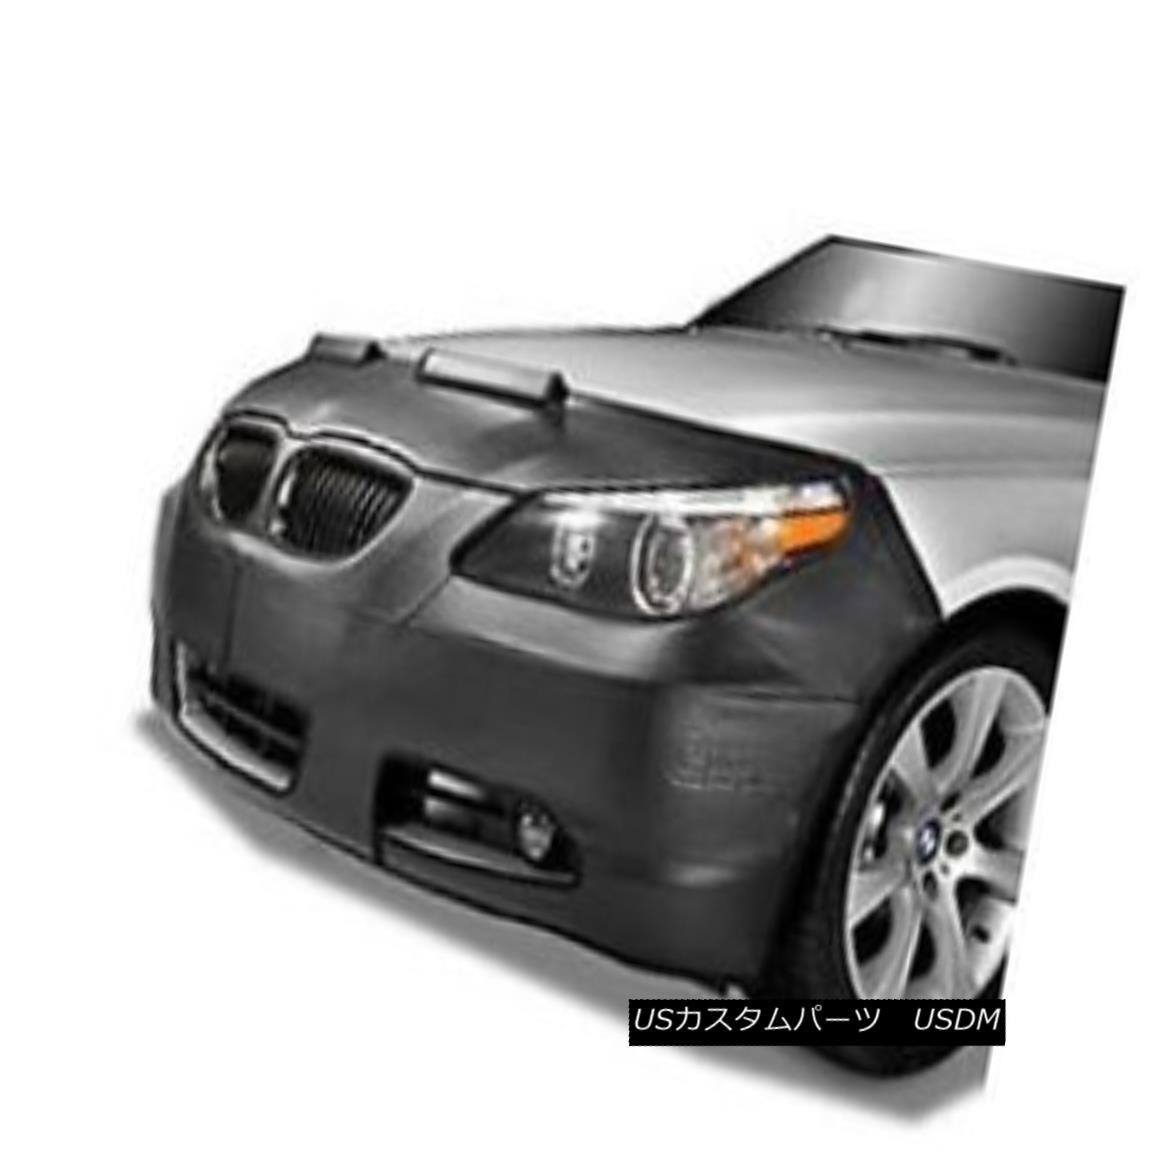 フルブラ ノーズブラ Colgan Front End Mask Bra 2pc. Fits BMW 328i & 328Xi Sedan 07-08 W/O Tag,Washer コルガンフロントエンドマスクブラ2pc BMW 328i& 328Xiセダン07-08 W / Oタグ、ワッシャー